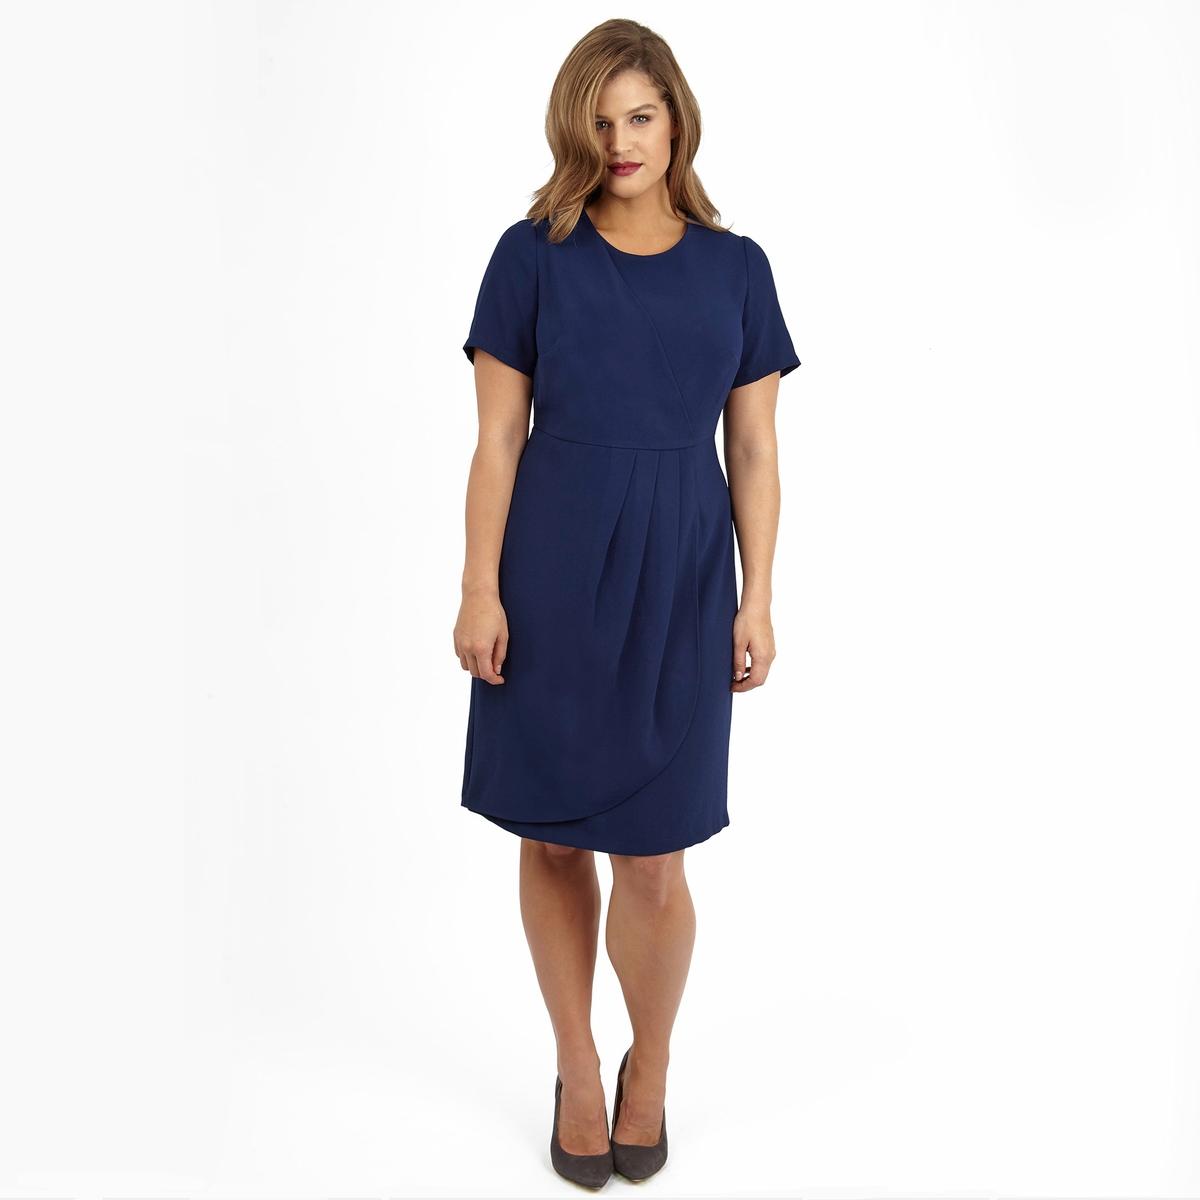 ПлатьеПлатье с короткими рукавами LOVEDROBE. 100% полиэстер.<br><br>Цвет: синий